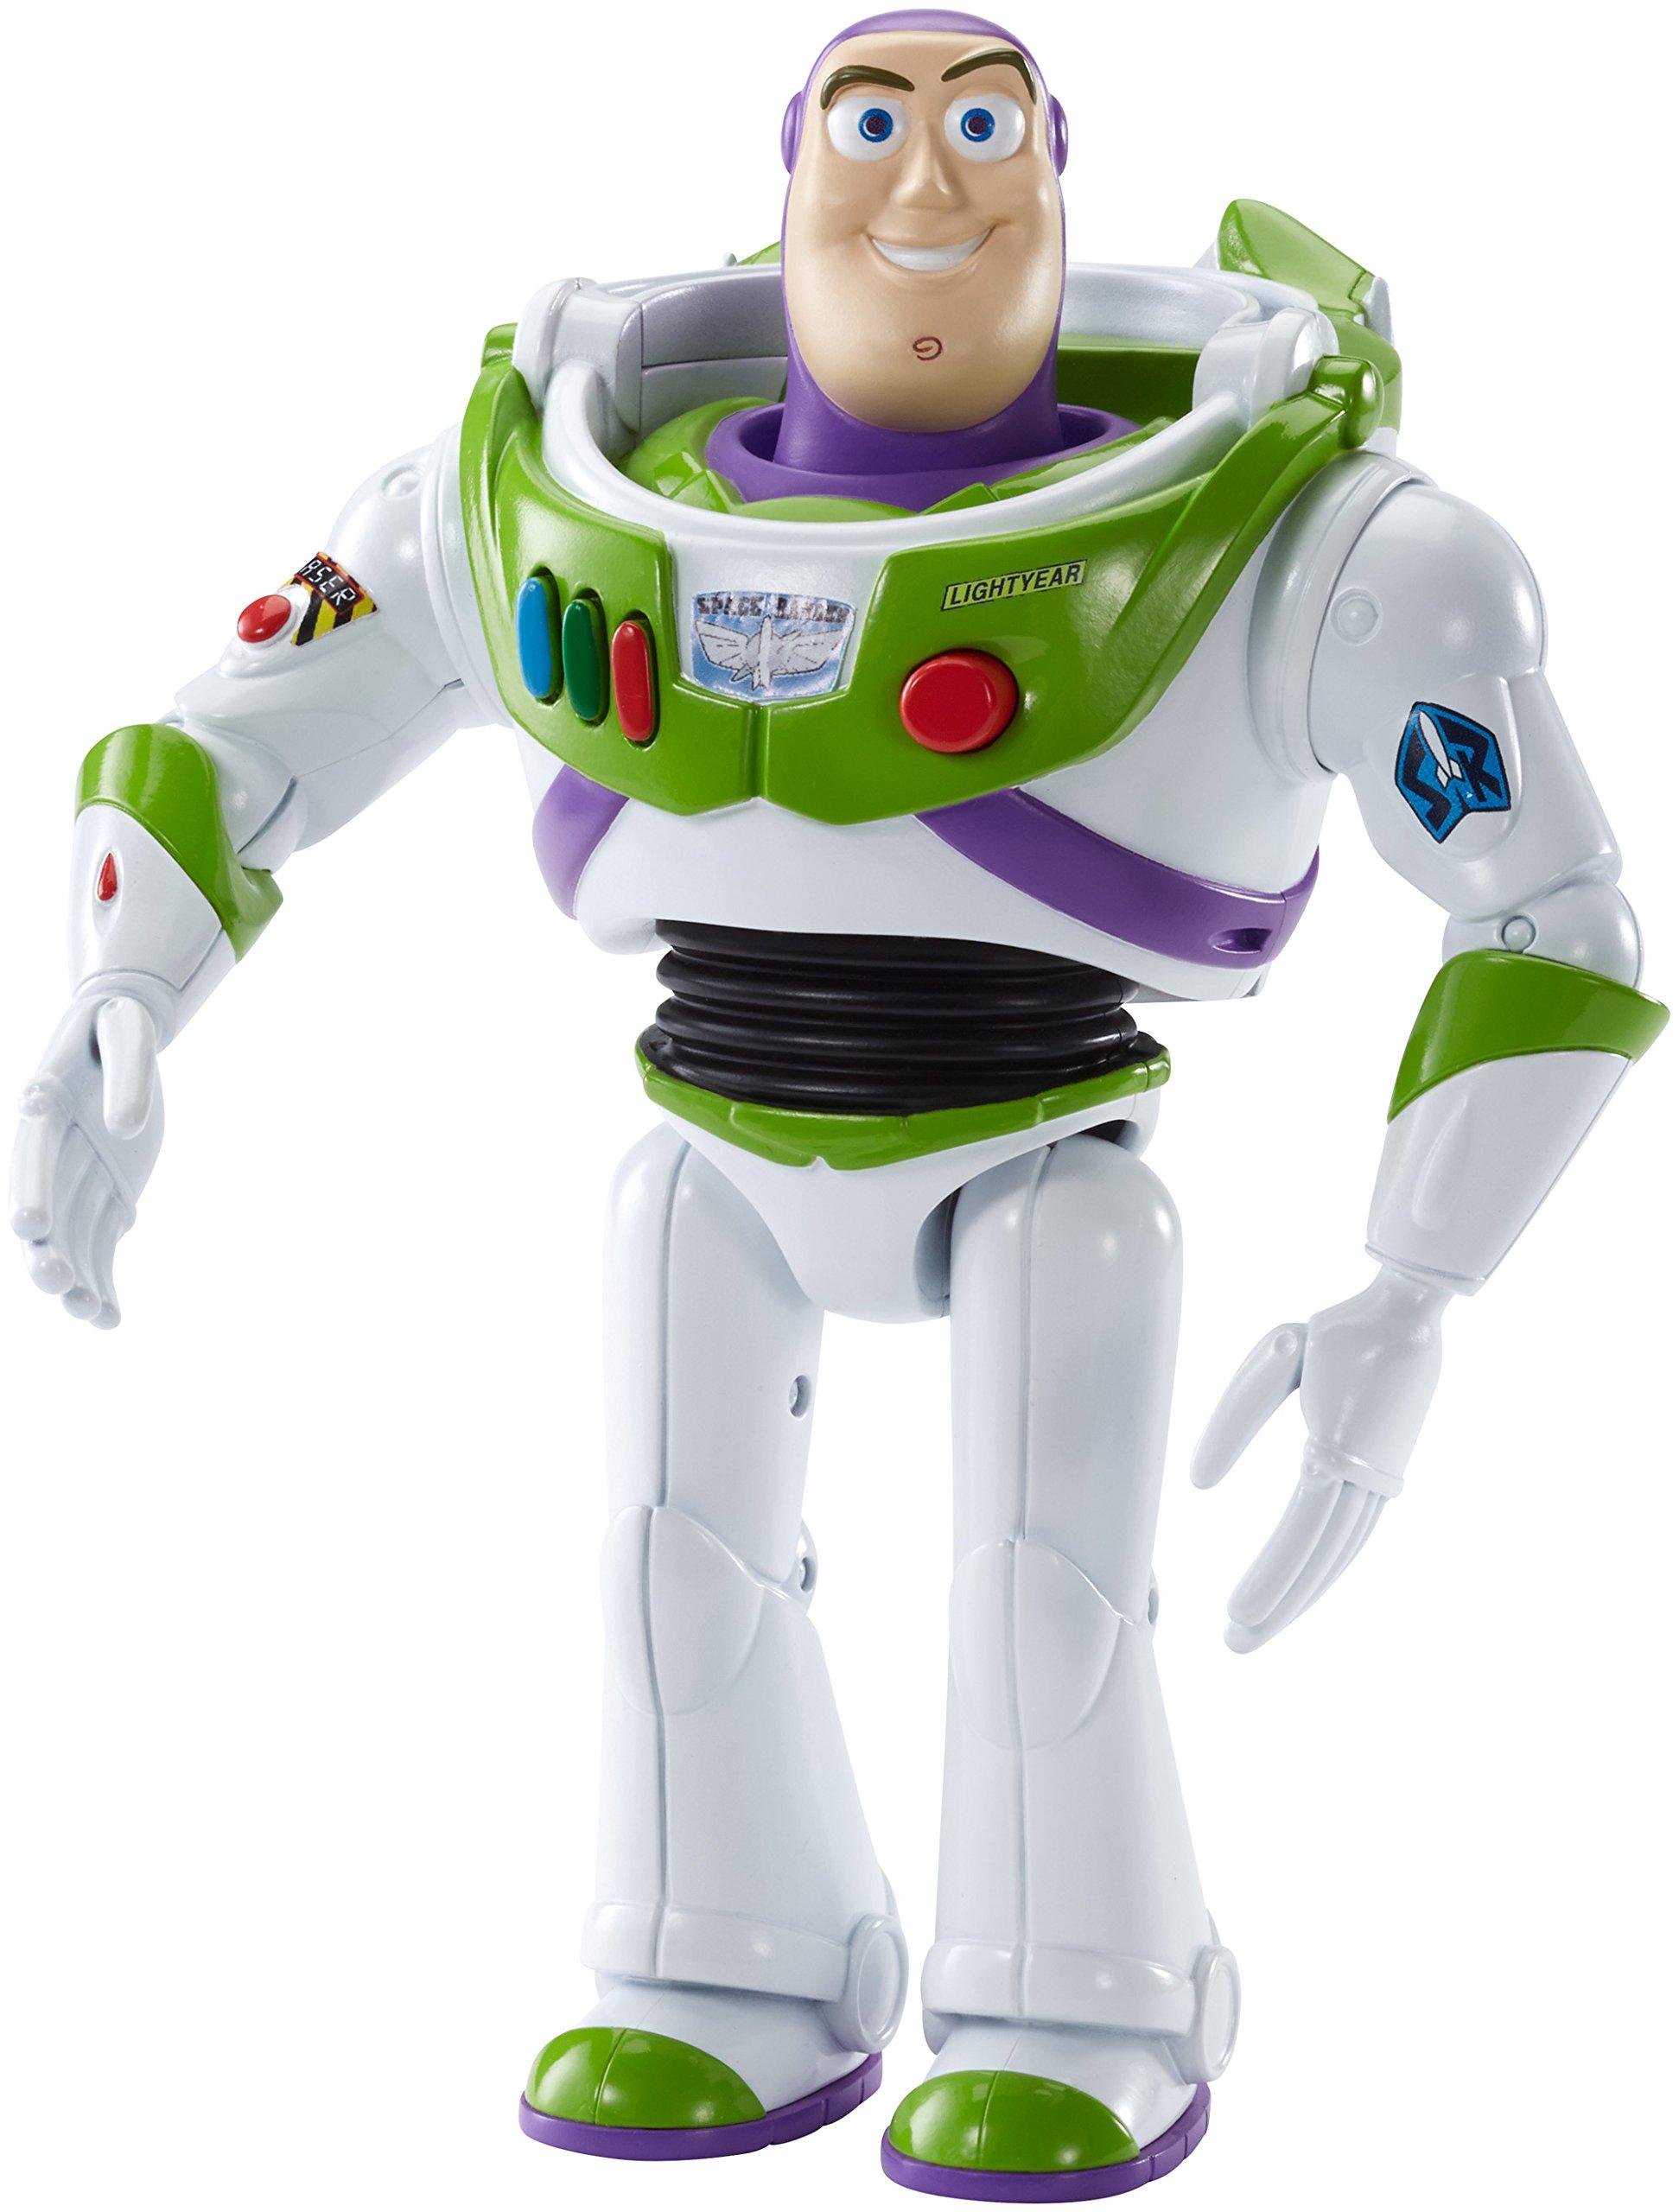 Mattel Disney/Pixar Toy Story Talking Buzz Figure